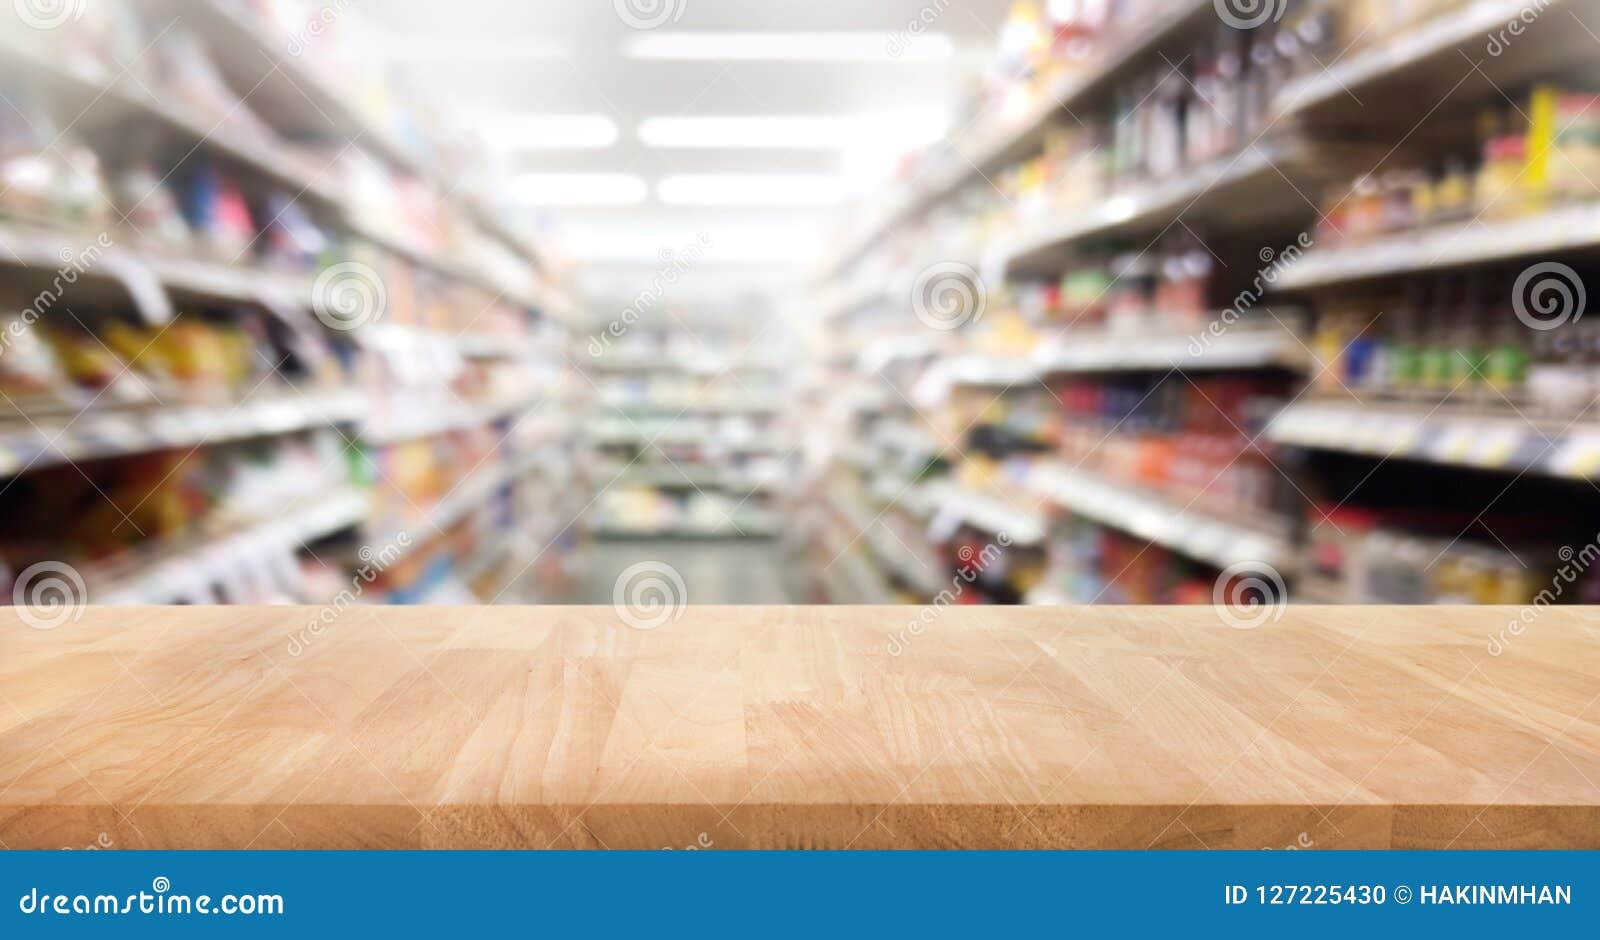 Sobremesa de madera en la falta de definición del fondo del estante del producto del supermercado